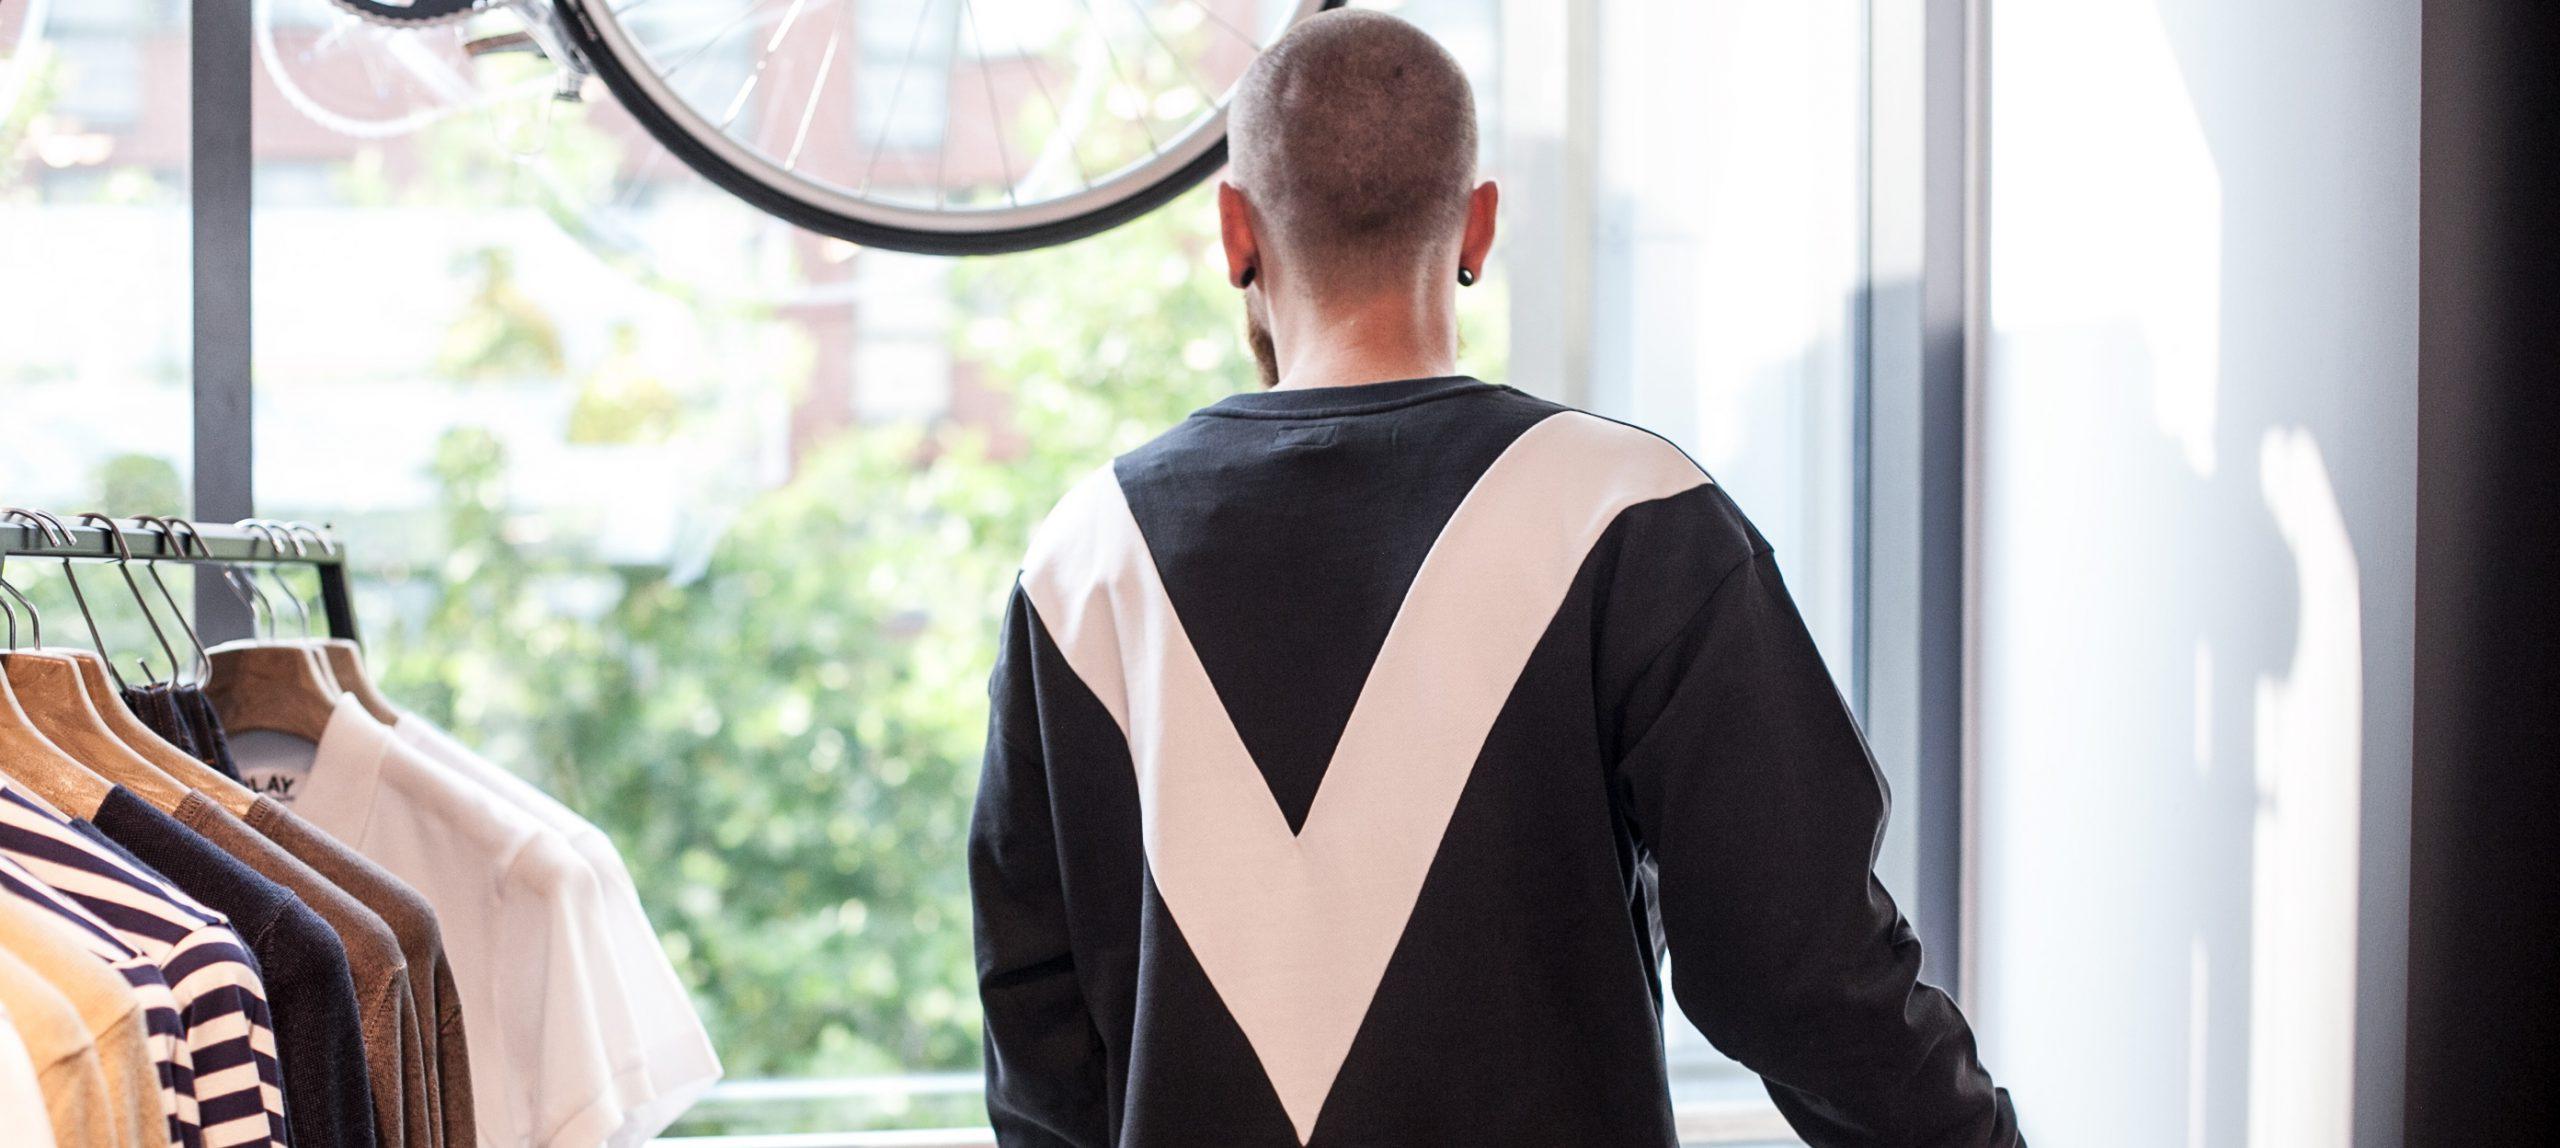 Die 8 wichtigsten Trends für stylische Männer für Herbst / Winter